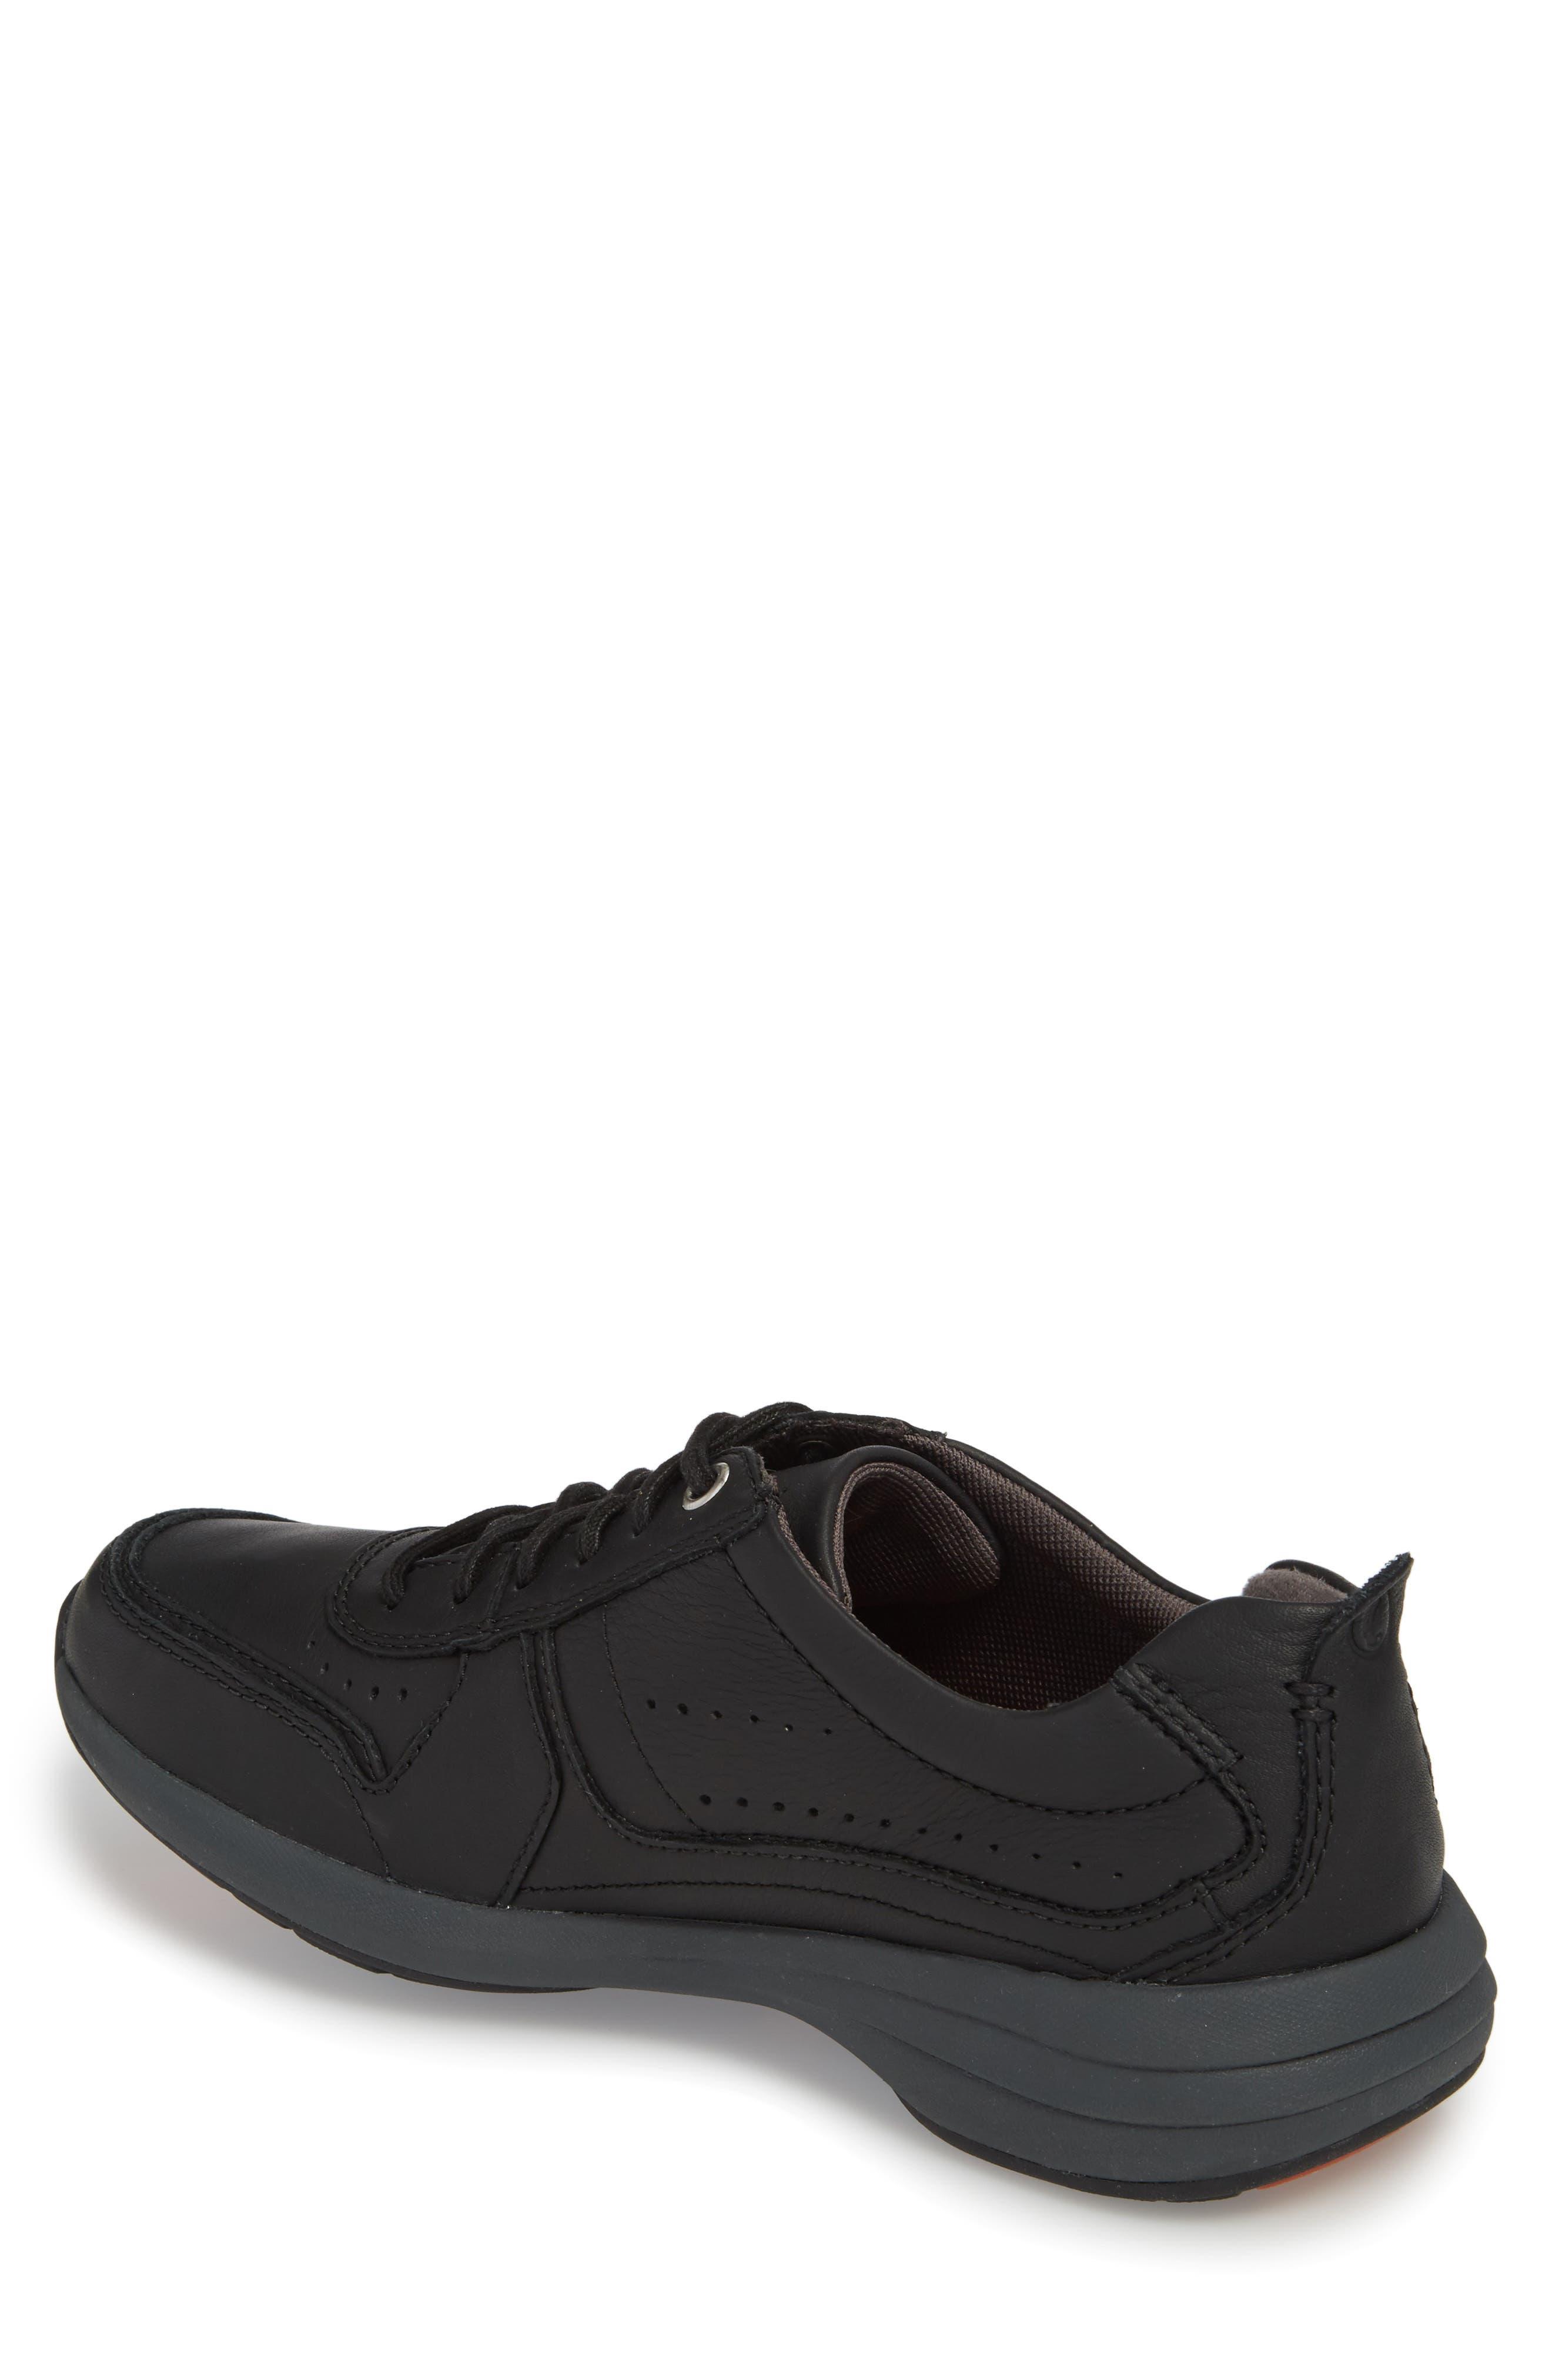 Unstructured - Un Coast Form Sneaker,                             Alternate thumbnail 2, color,                             003